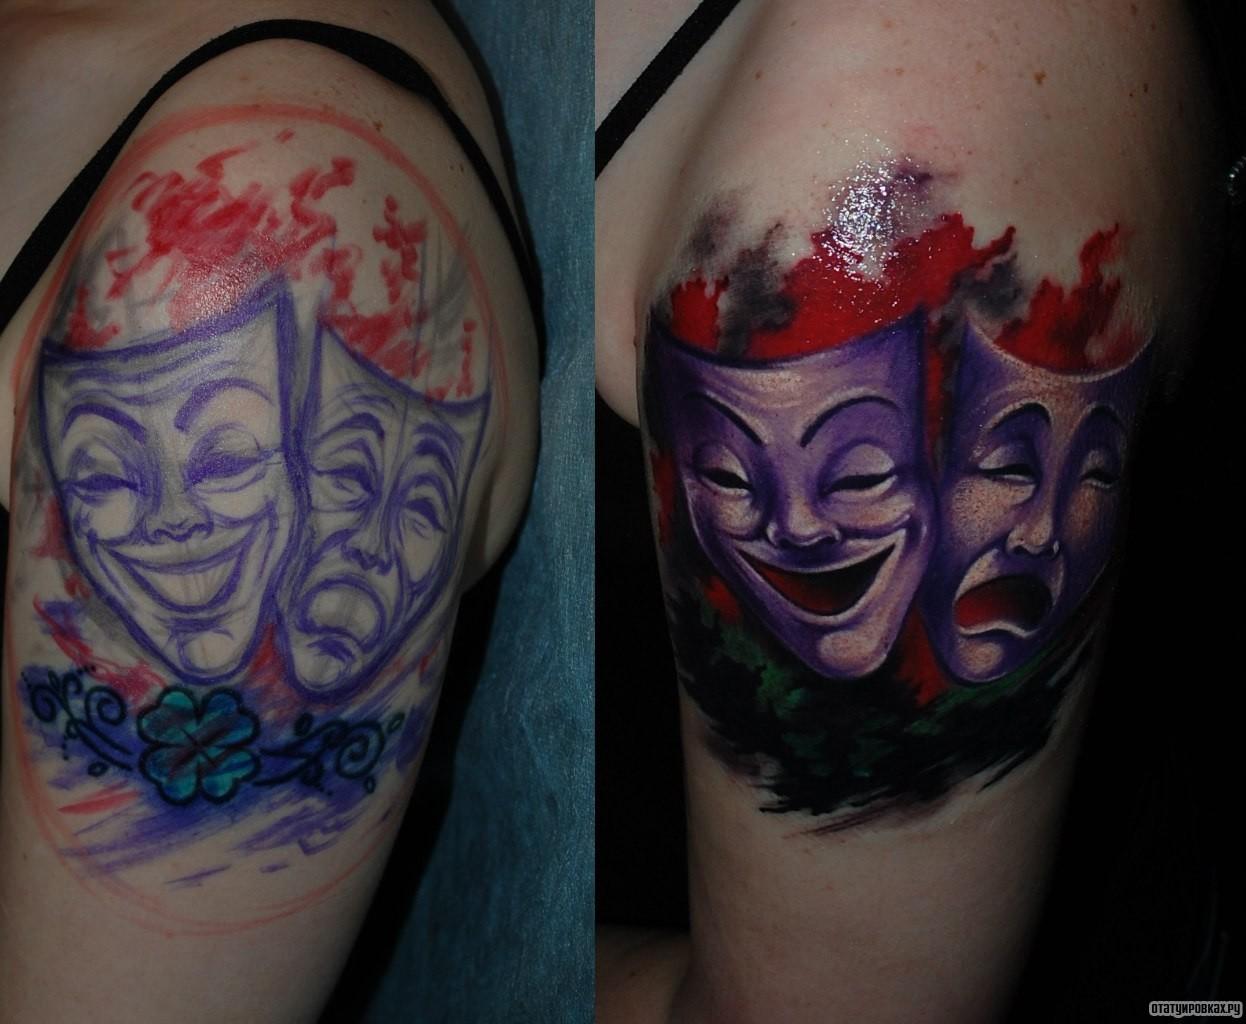 Фото для сообщества татуировок